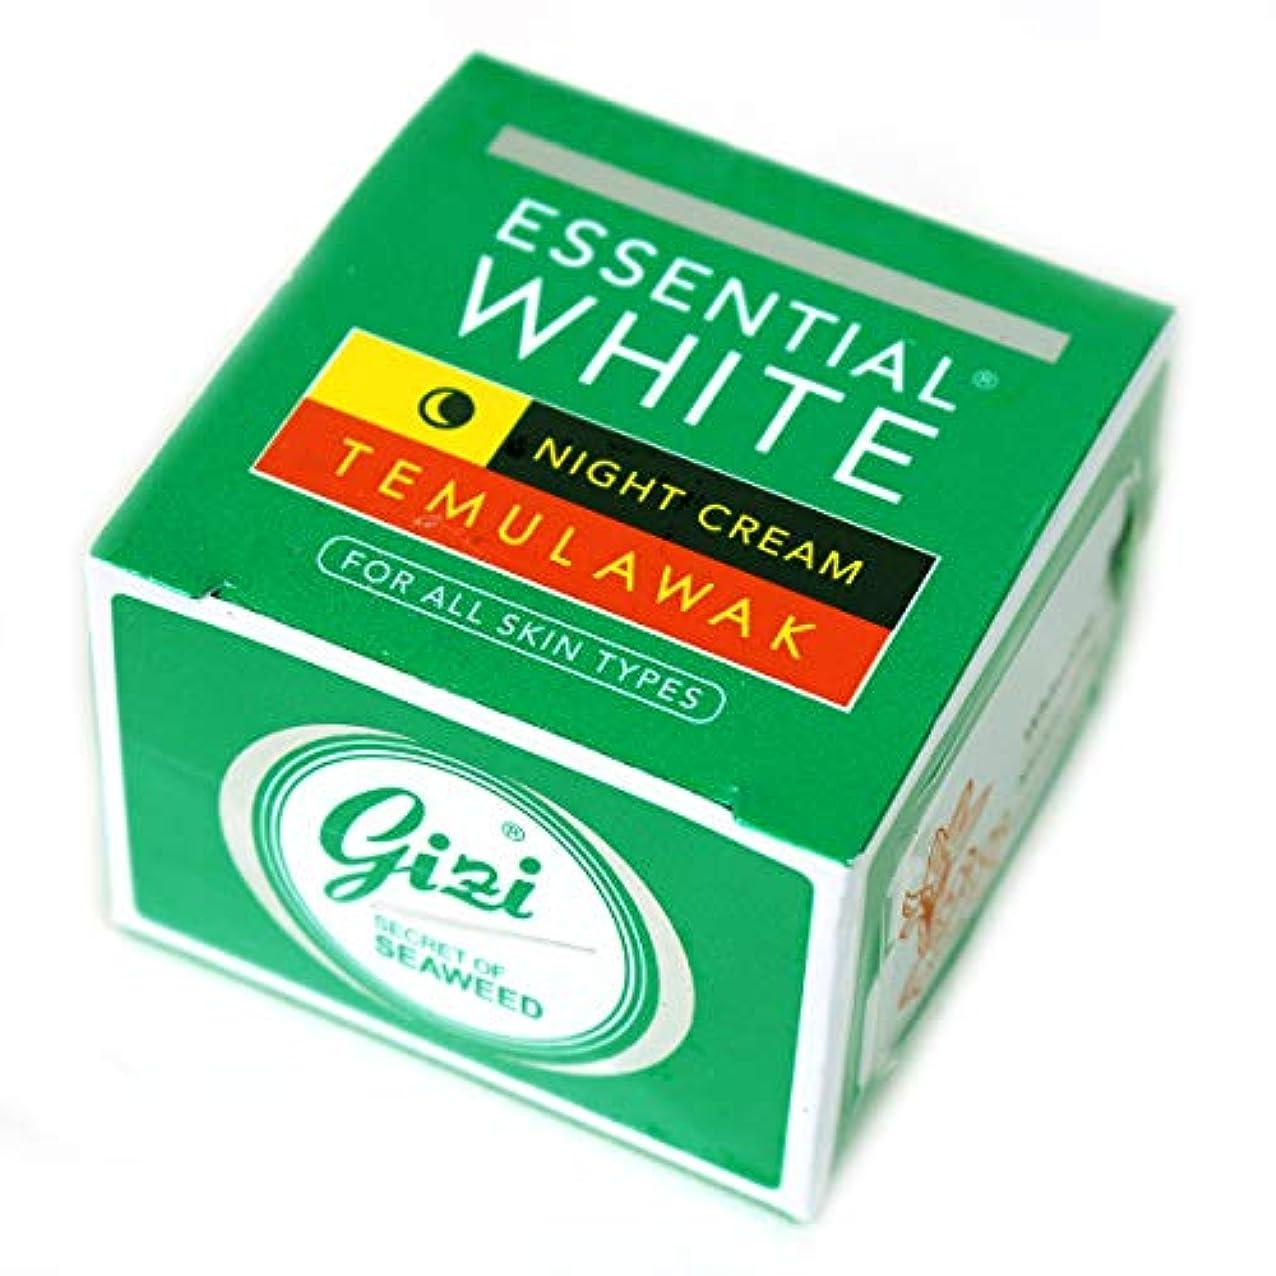 入植者チーズコーチギジ gizi Essential White ナイト用スキンケアクリーム ボトルタイプ 9g テムラワク ウコン など天然成分配合 [海外直送品]